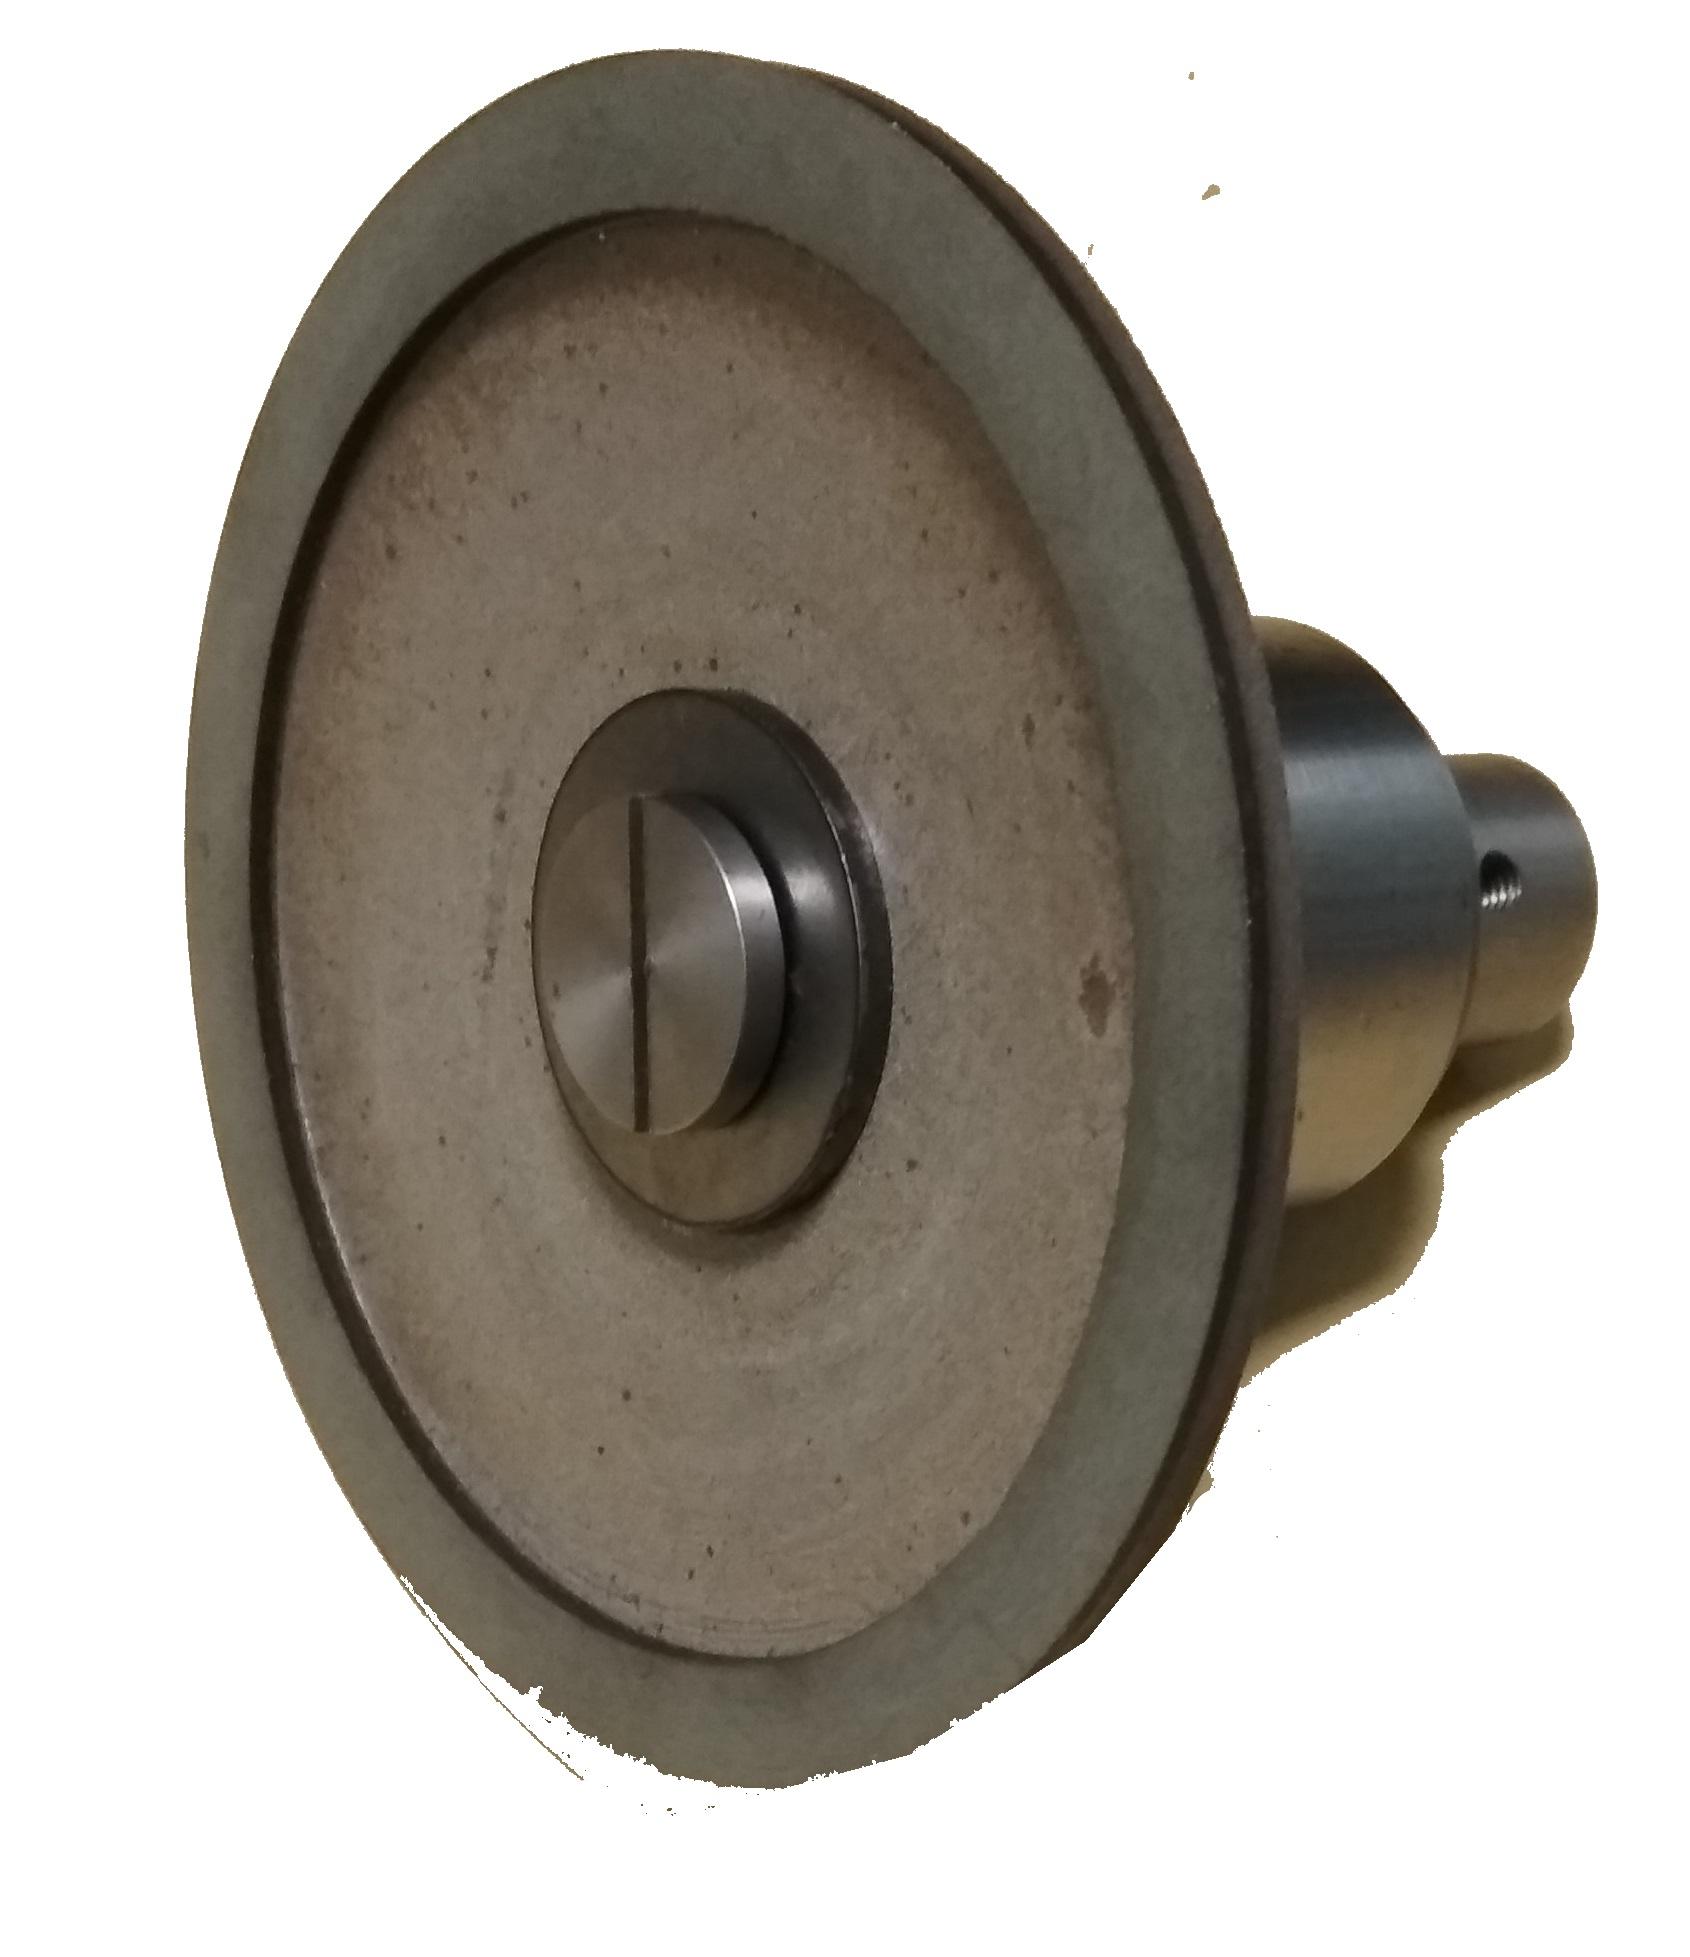 Алмазная чашка с посадочной втулкой для заточки маникюрных кусачек и других инструментов